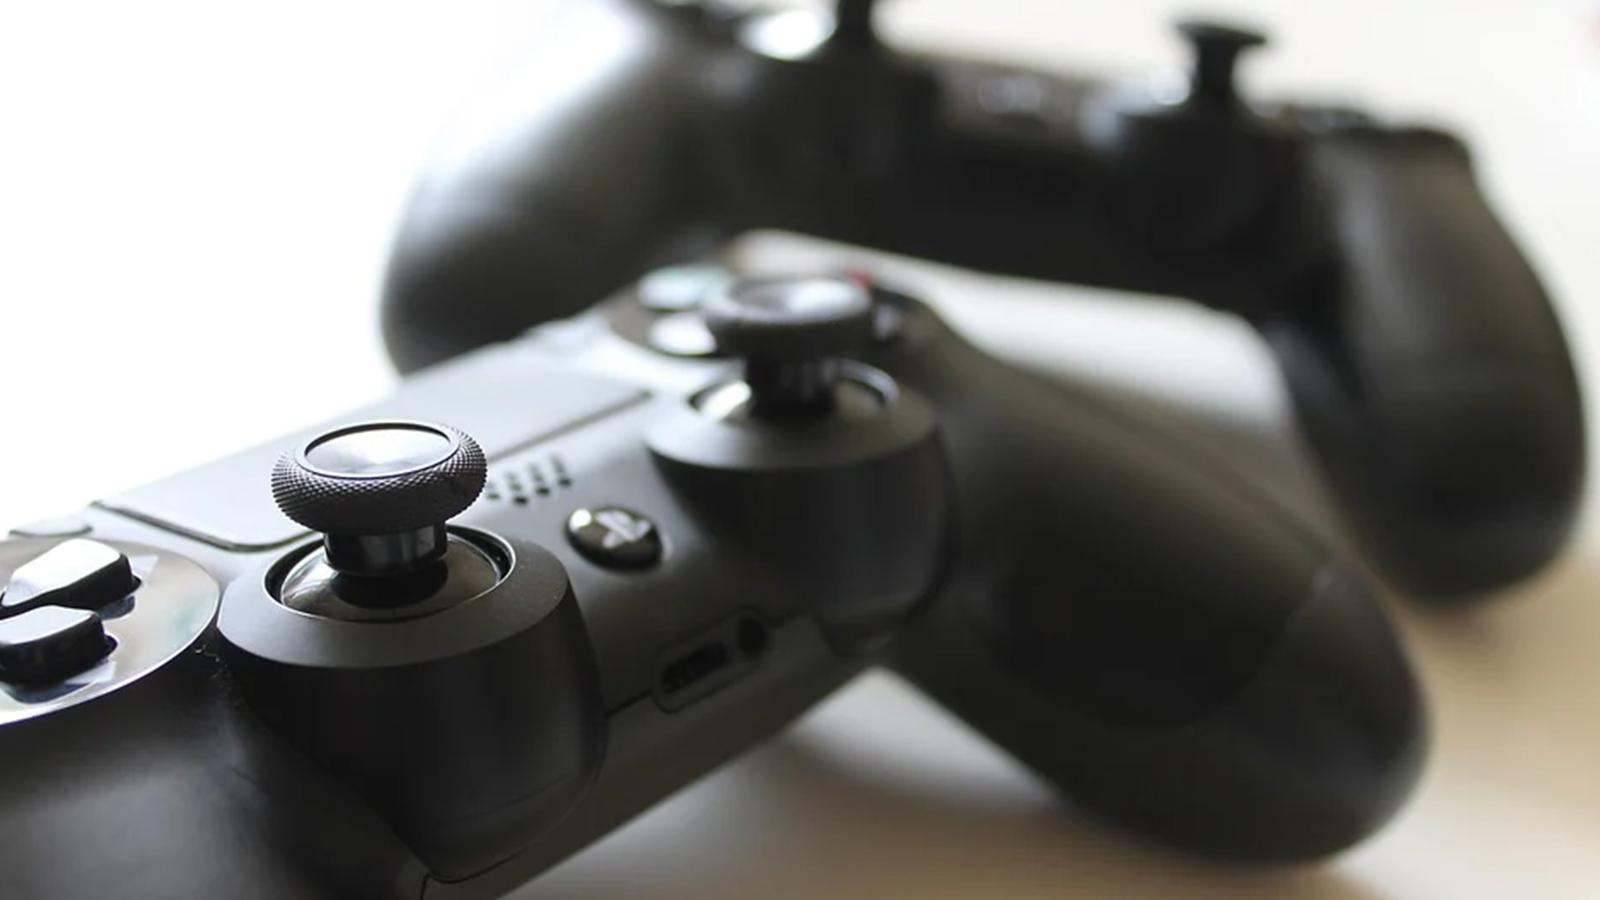 Passa o controle: projeto ajuda a doar videogames usados para um novo lar. O projeto passa o controle leva consoles de videogame sem uso a jogadores que não têm recursos para adquirir um